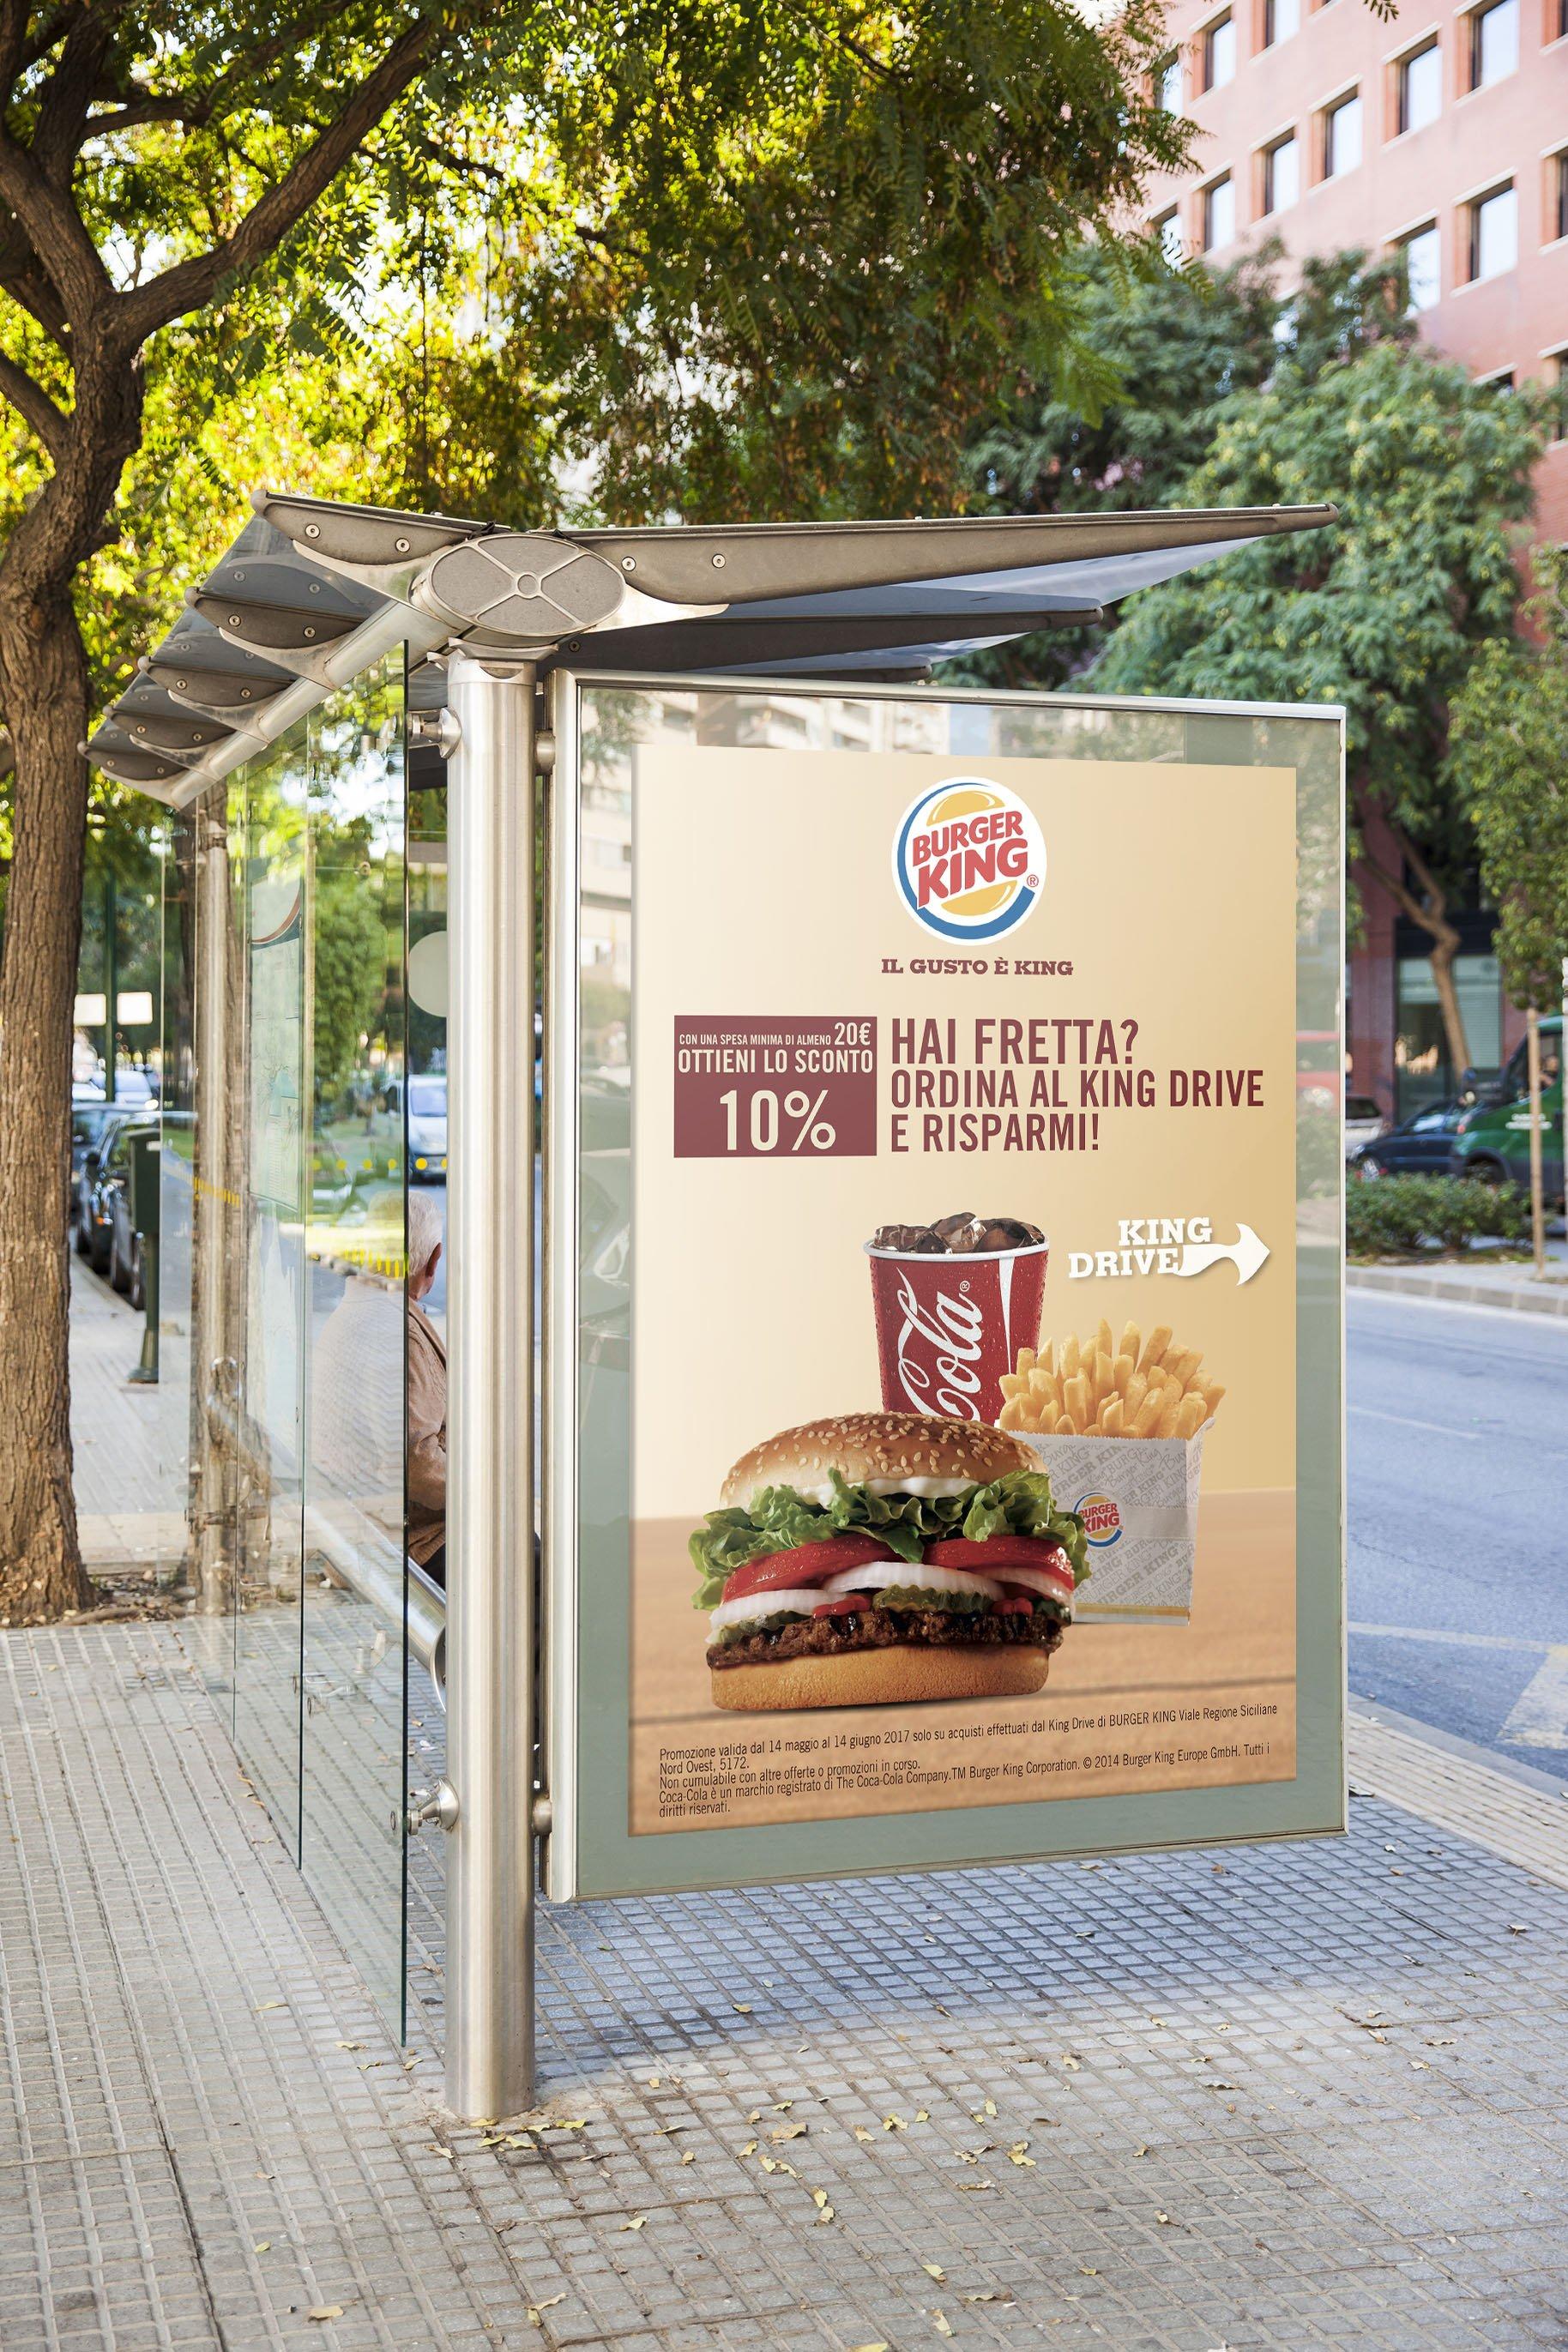 bbadv-burger-king-mockup-bus